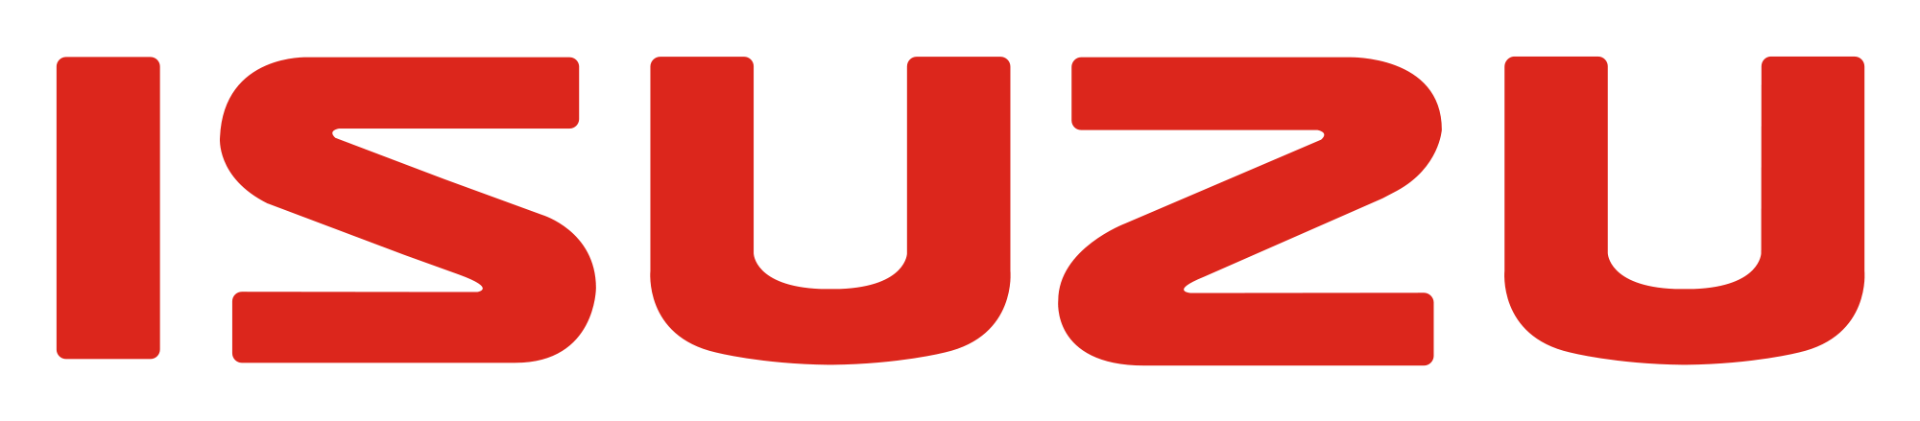 Pièces détachées auto Isuzu